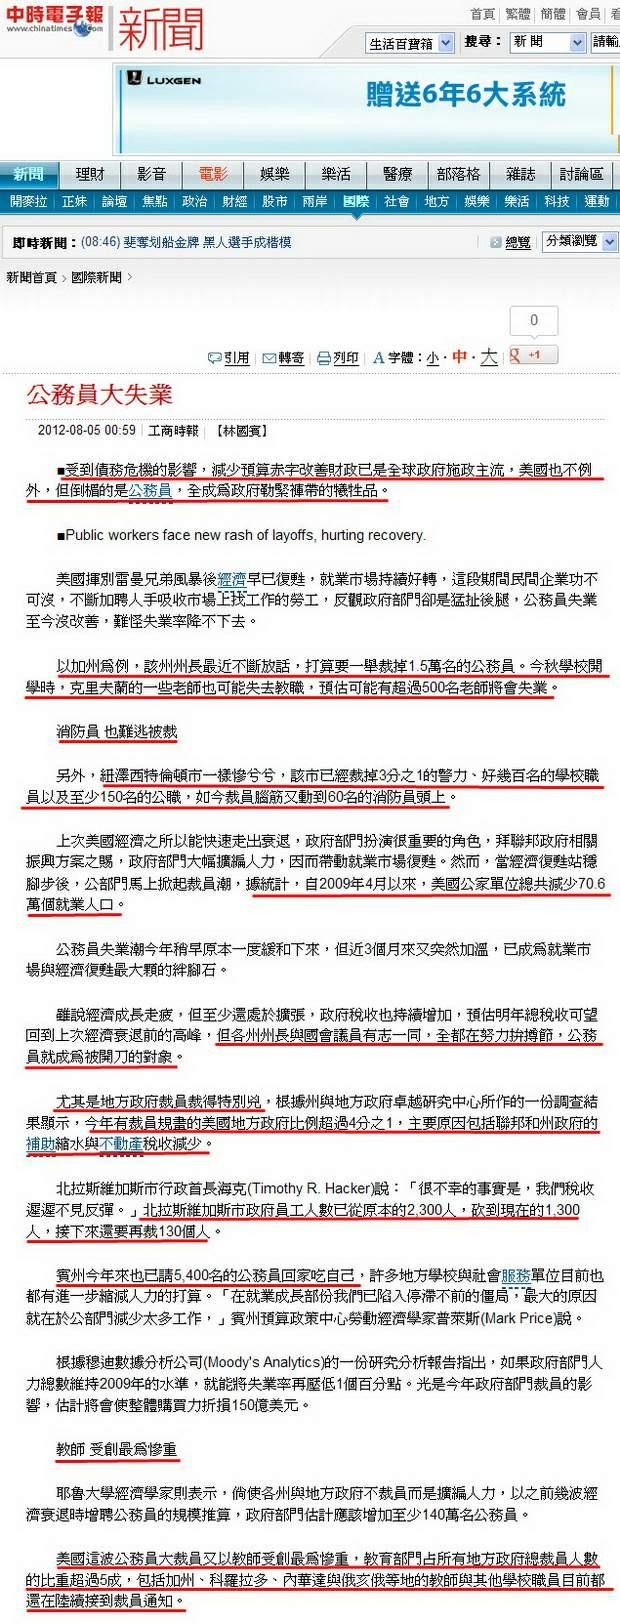 公務員大失業-2012.08.05